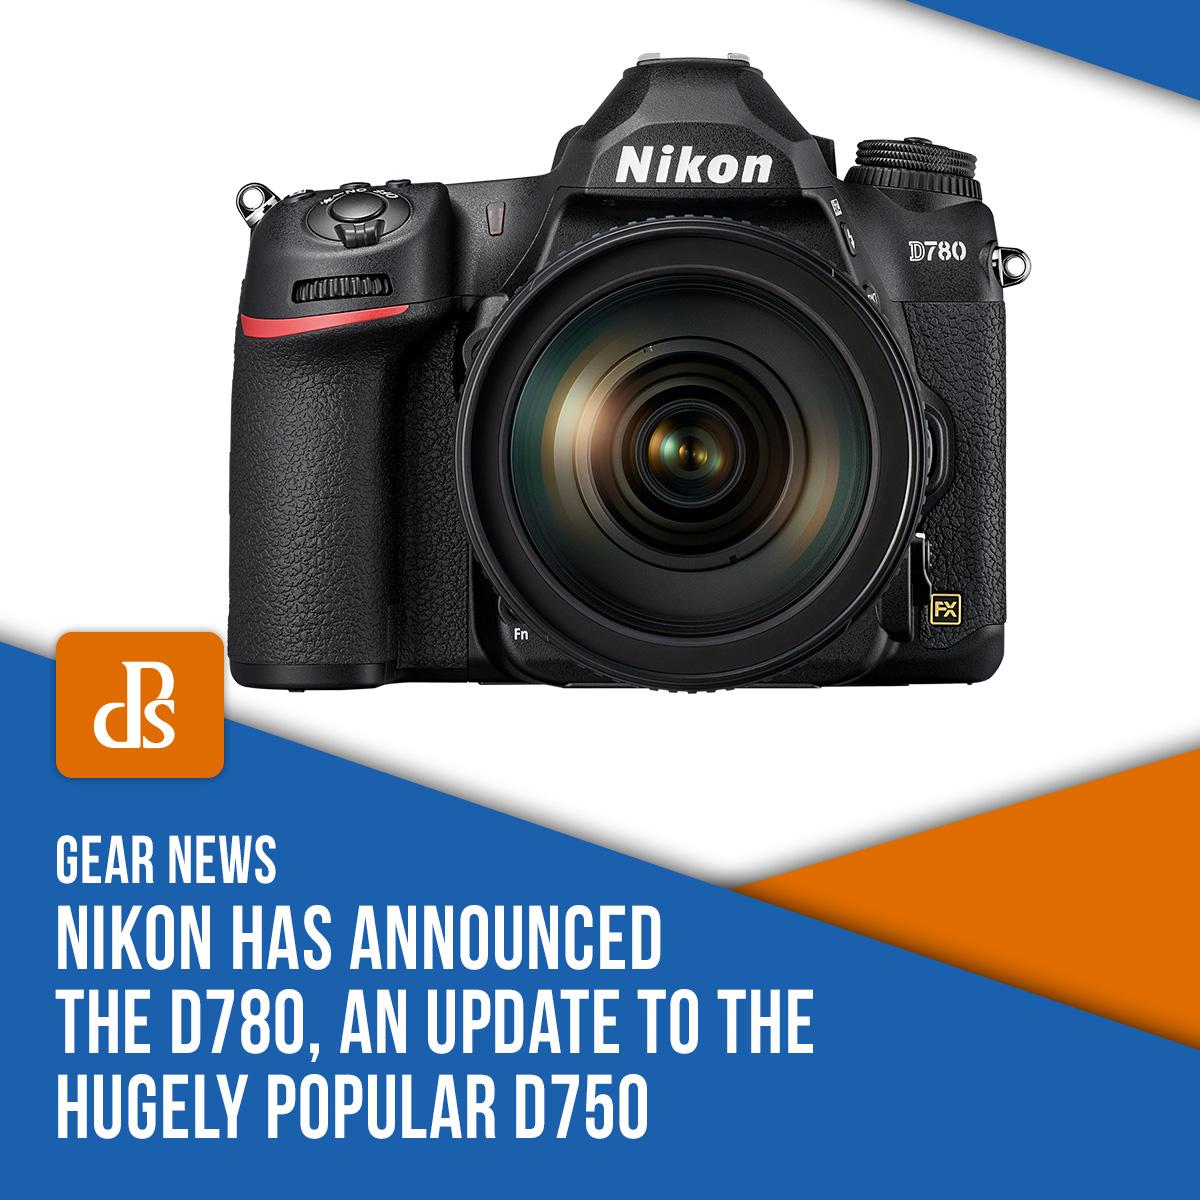 nikon-d780-announced